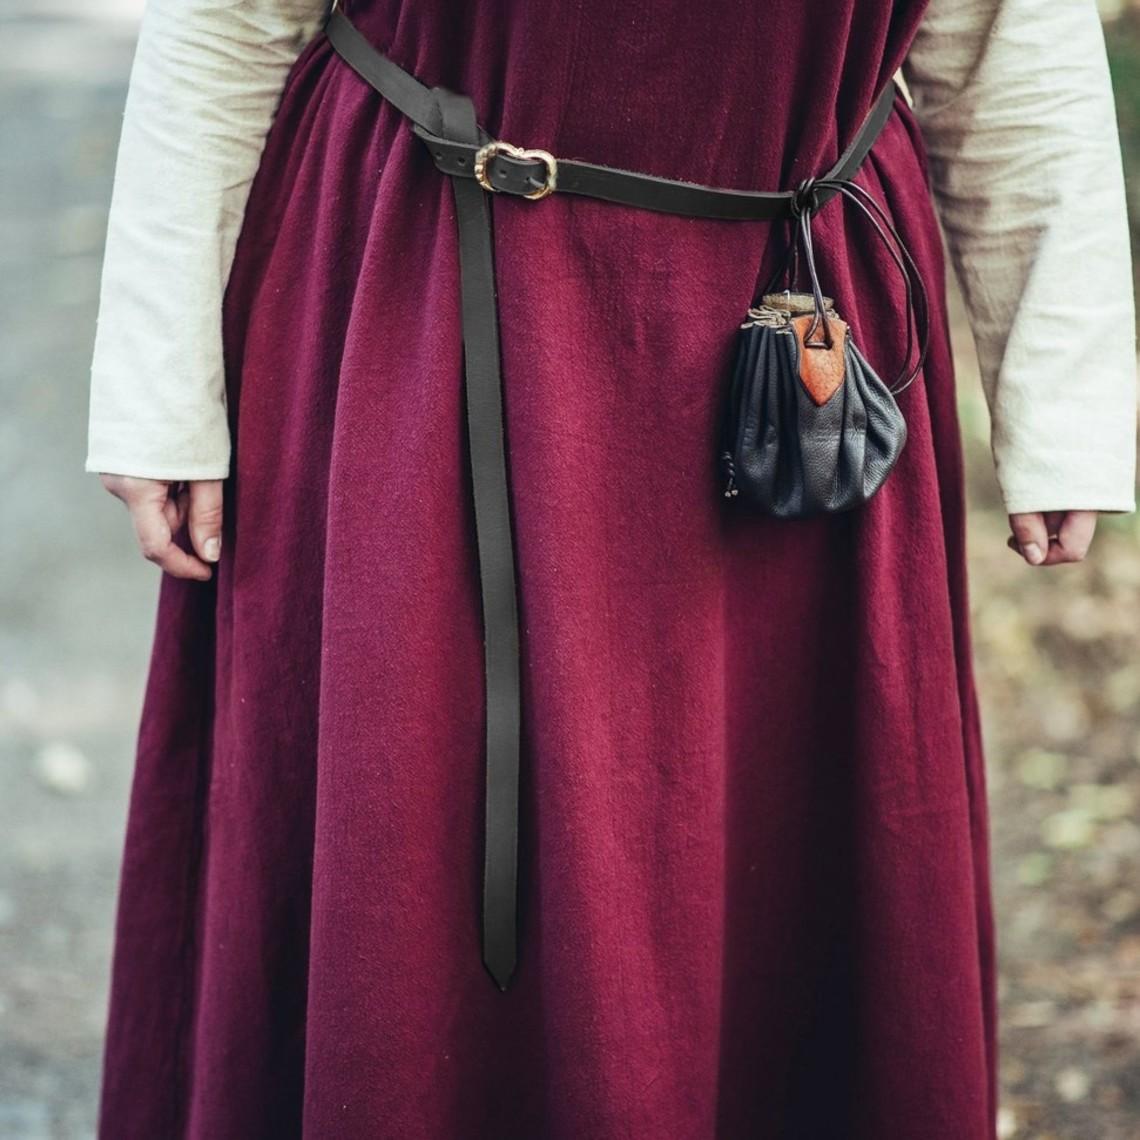 Leonardo Carbone Cinturón de cuero negro 2 cm